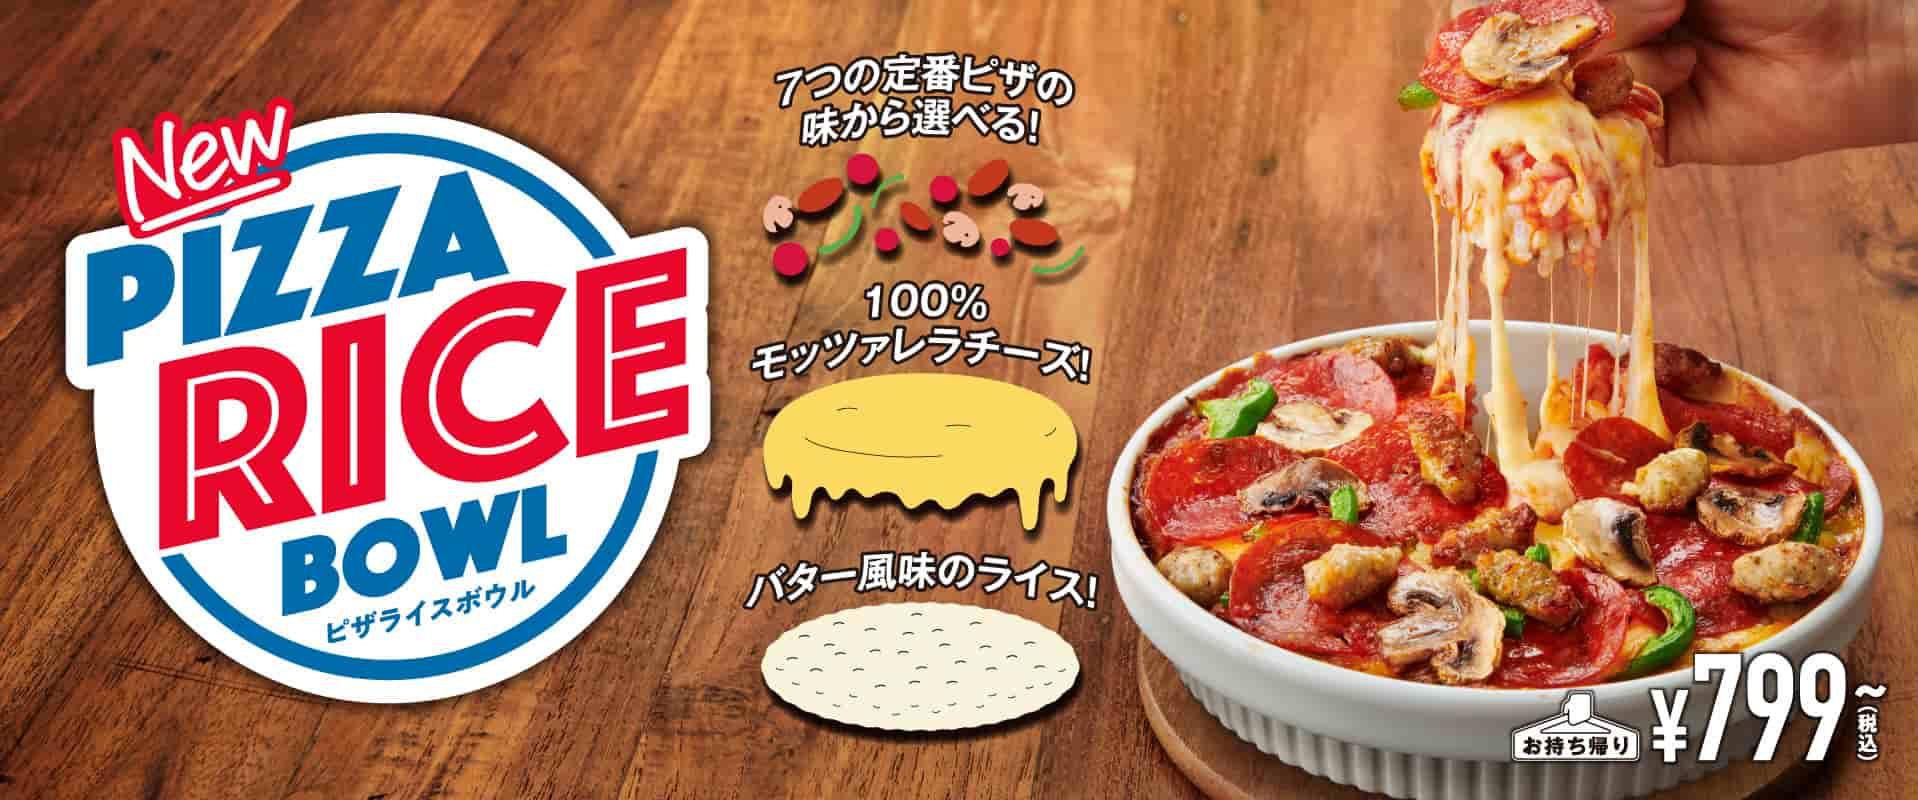 【新商品】ピザライスボール発売中!